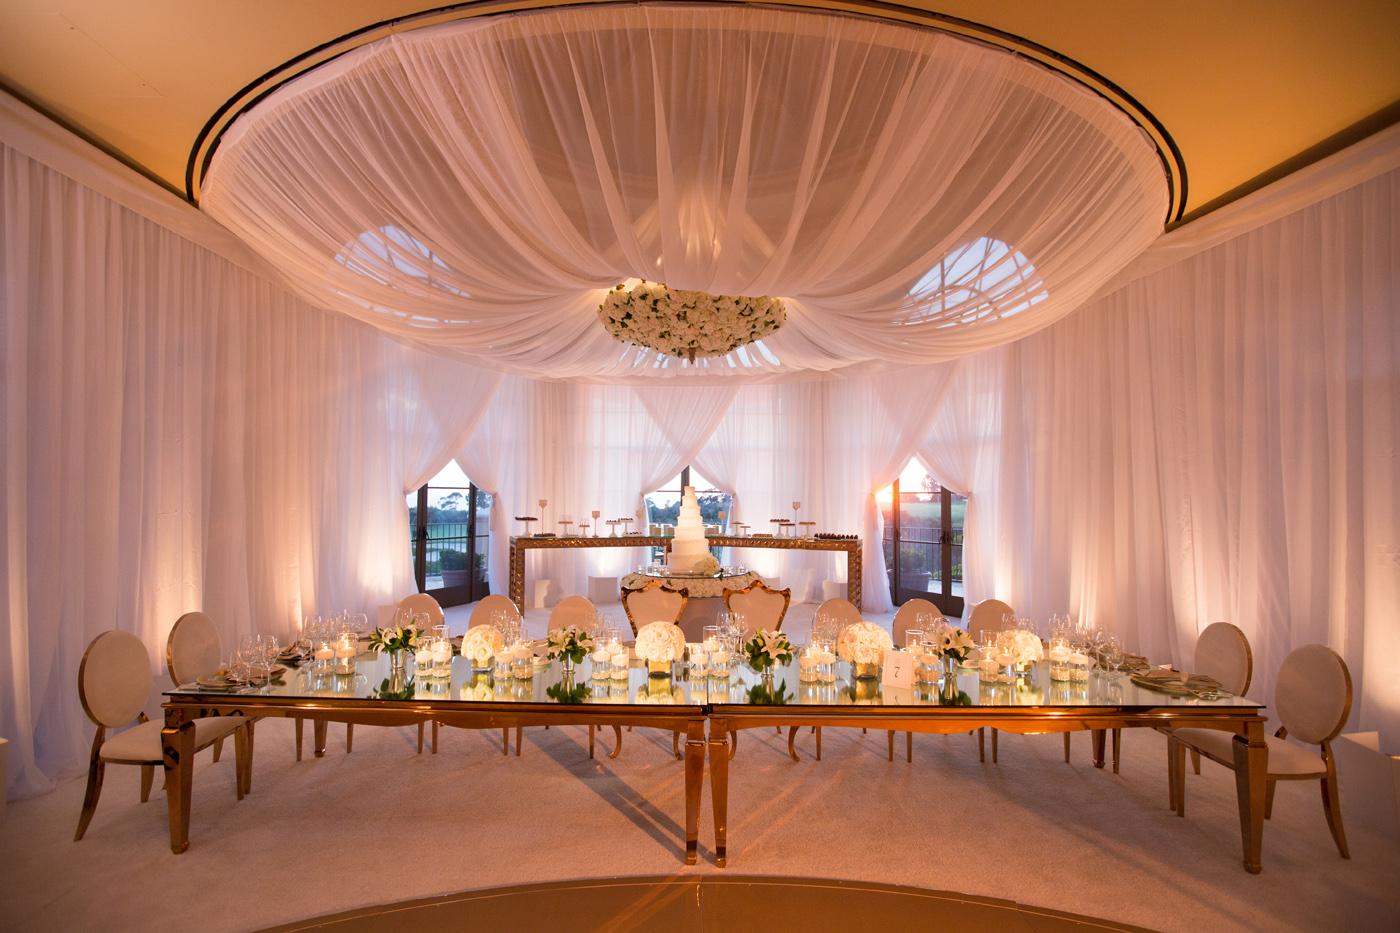 020_DukePhotography_DukeImages_Wedding_Details.jpg